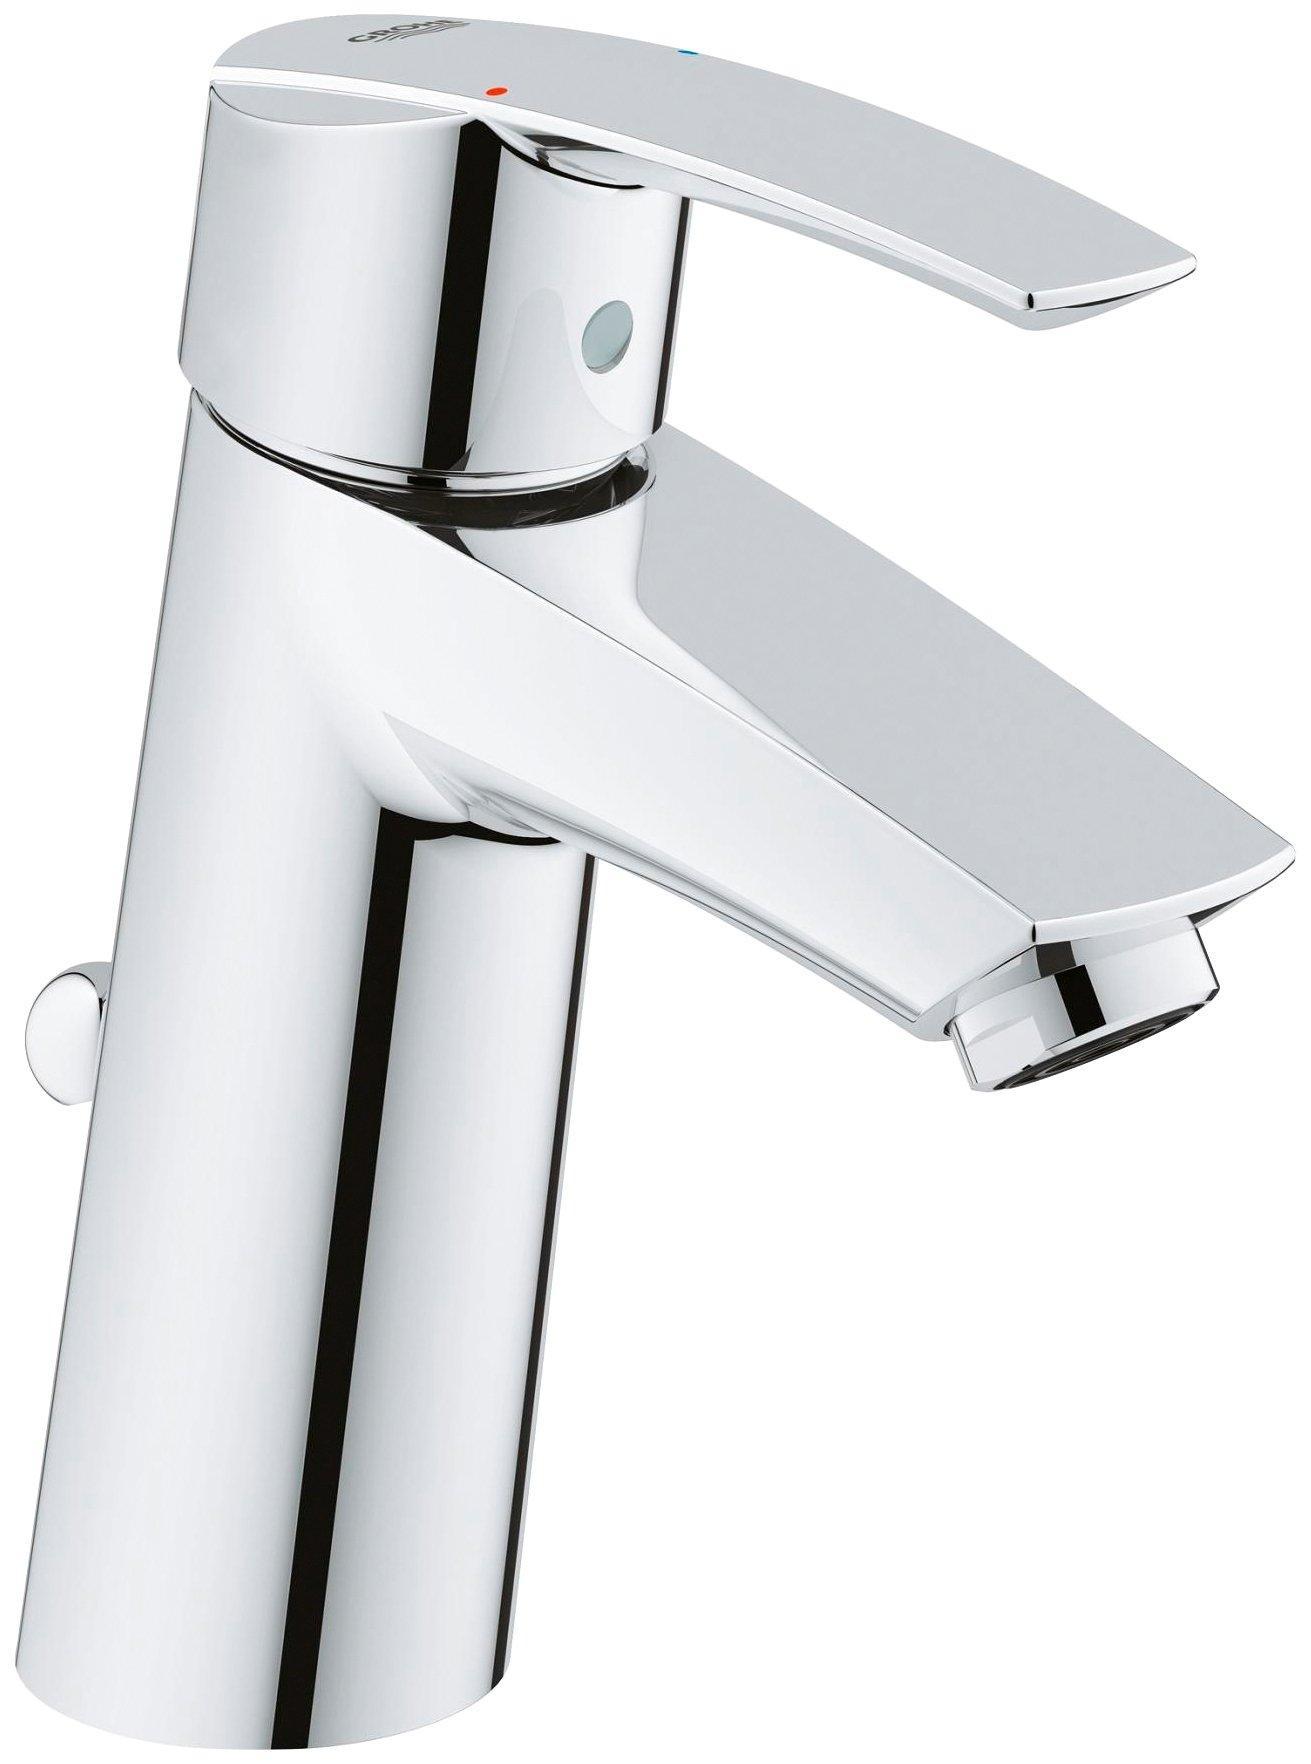 Full Size of Grohe Wasserhahn Waschtischarmatur Start Gre M Thermostat Dusche Für Küche Bad Wandanschluss Wohnzimmer Grohe Wasserhahn